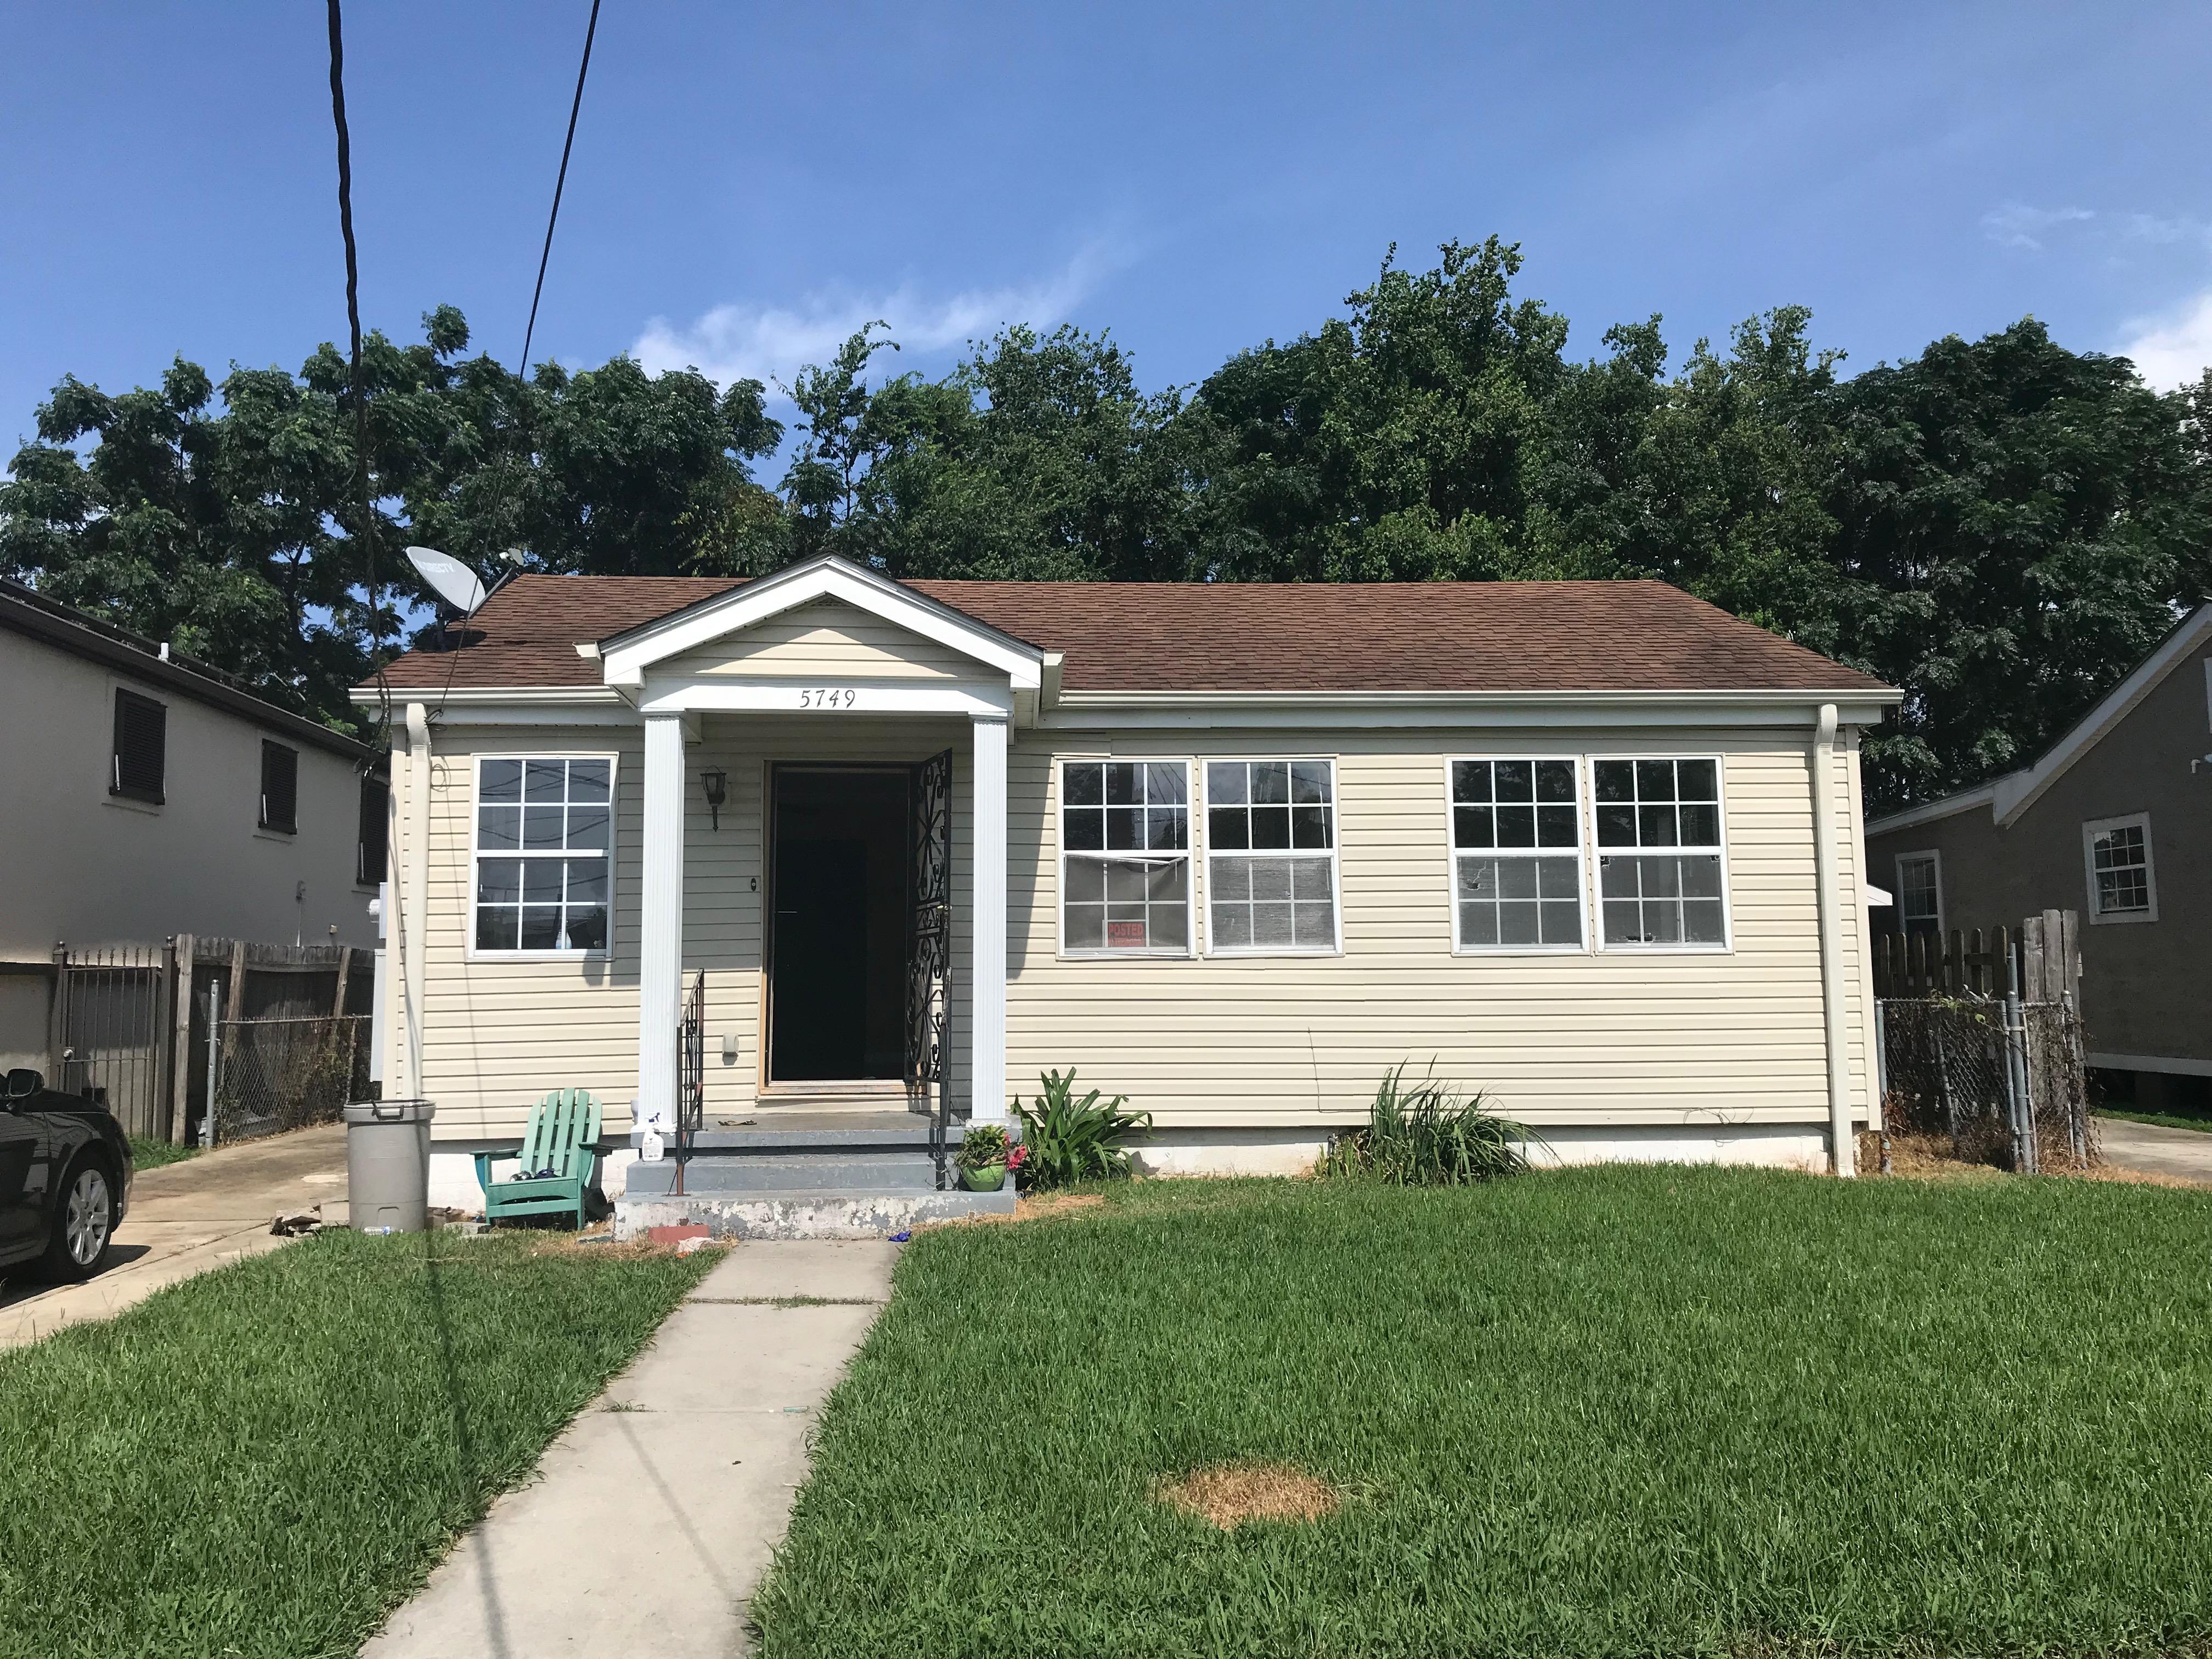 5749 Wickfield Dr, New Orleans, LA